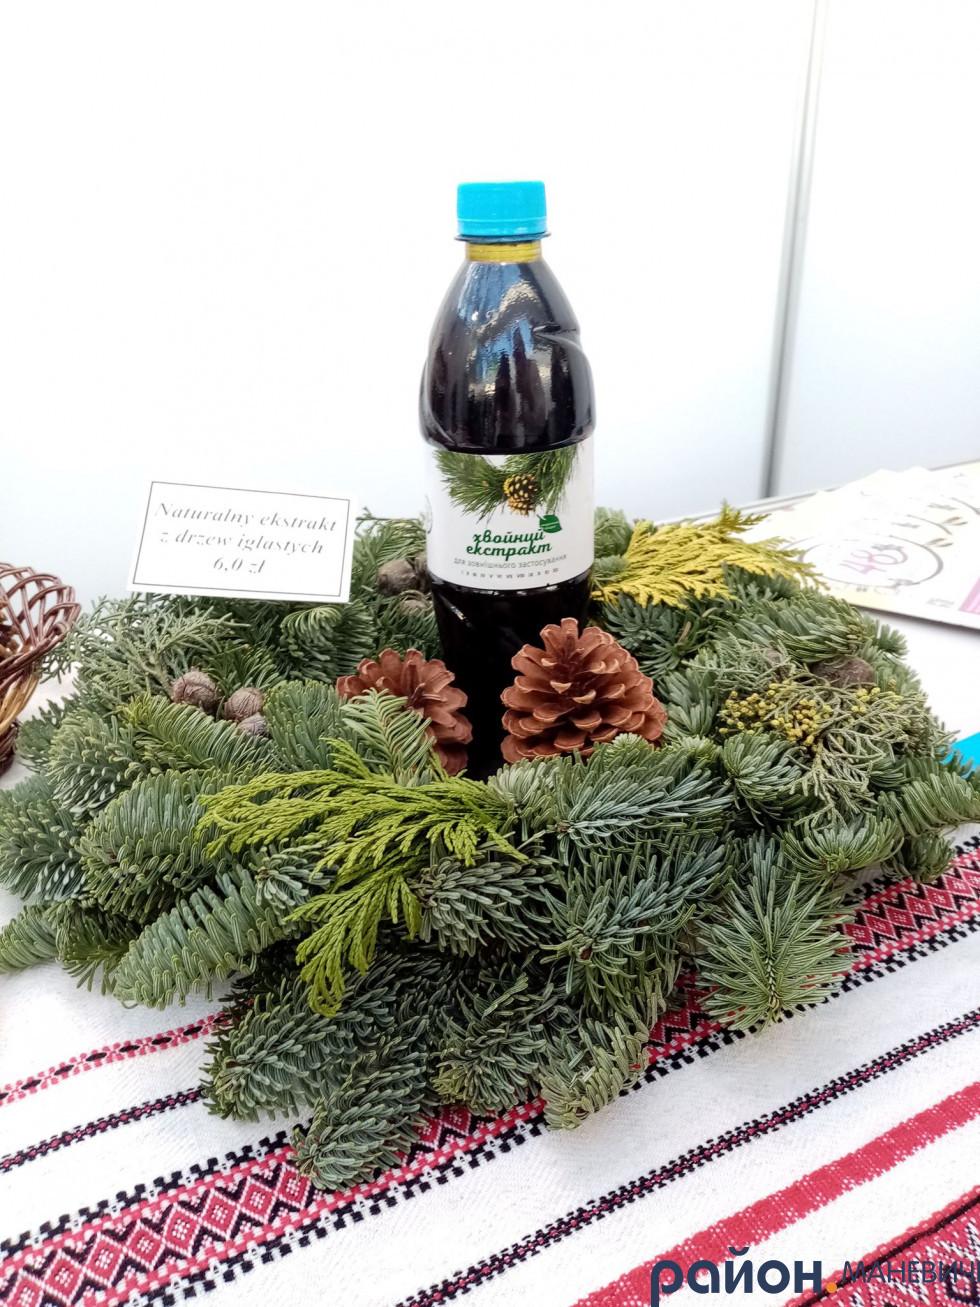 Продукцію маневицького консервного цеху представили у Польщі